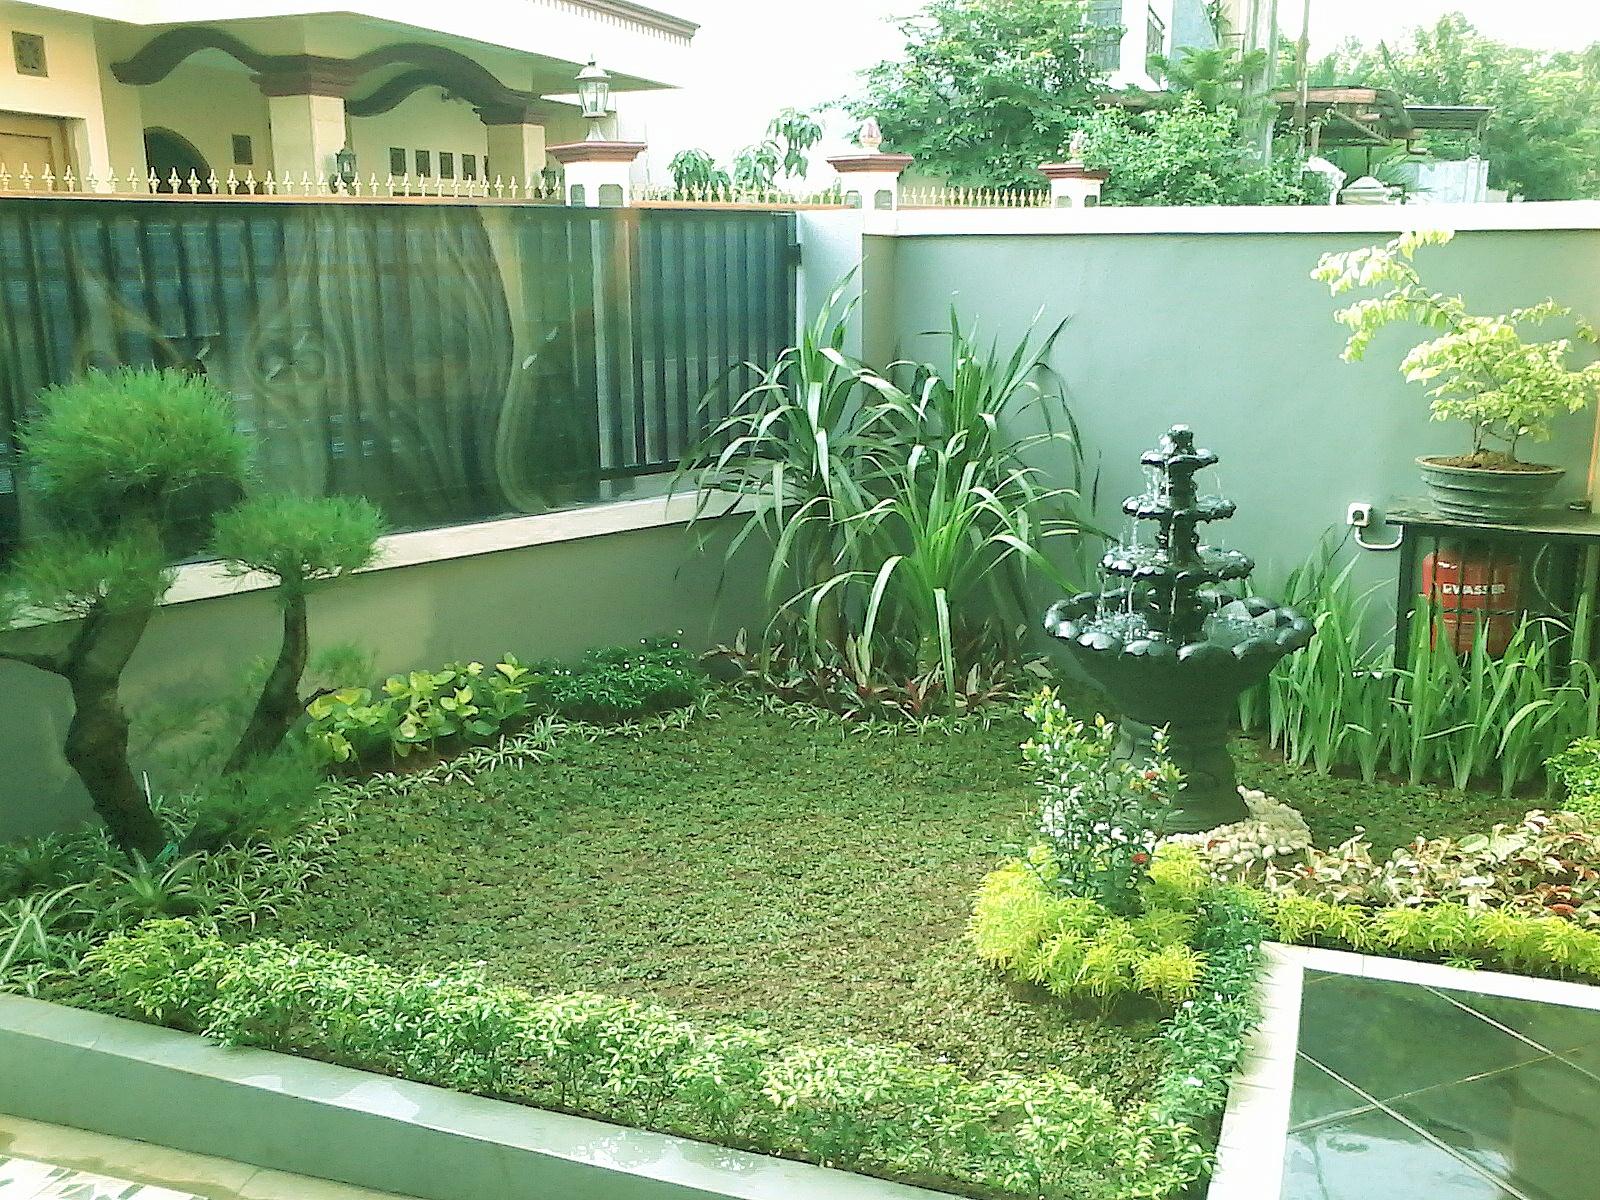 Desain Terbaru Taman Rumah Minimalis  Desain Rumah Minimalis